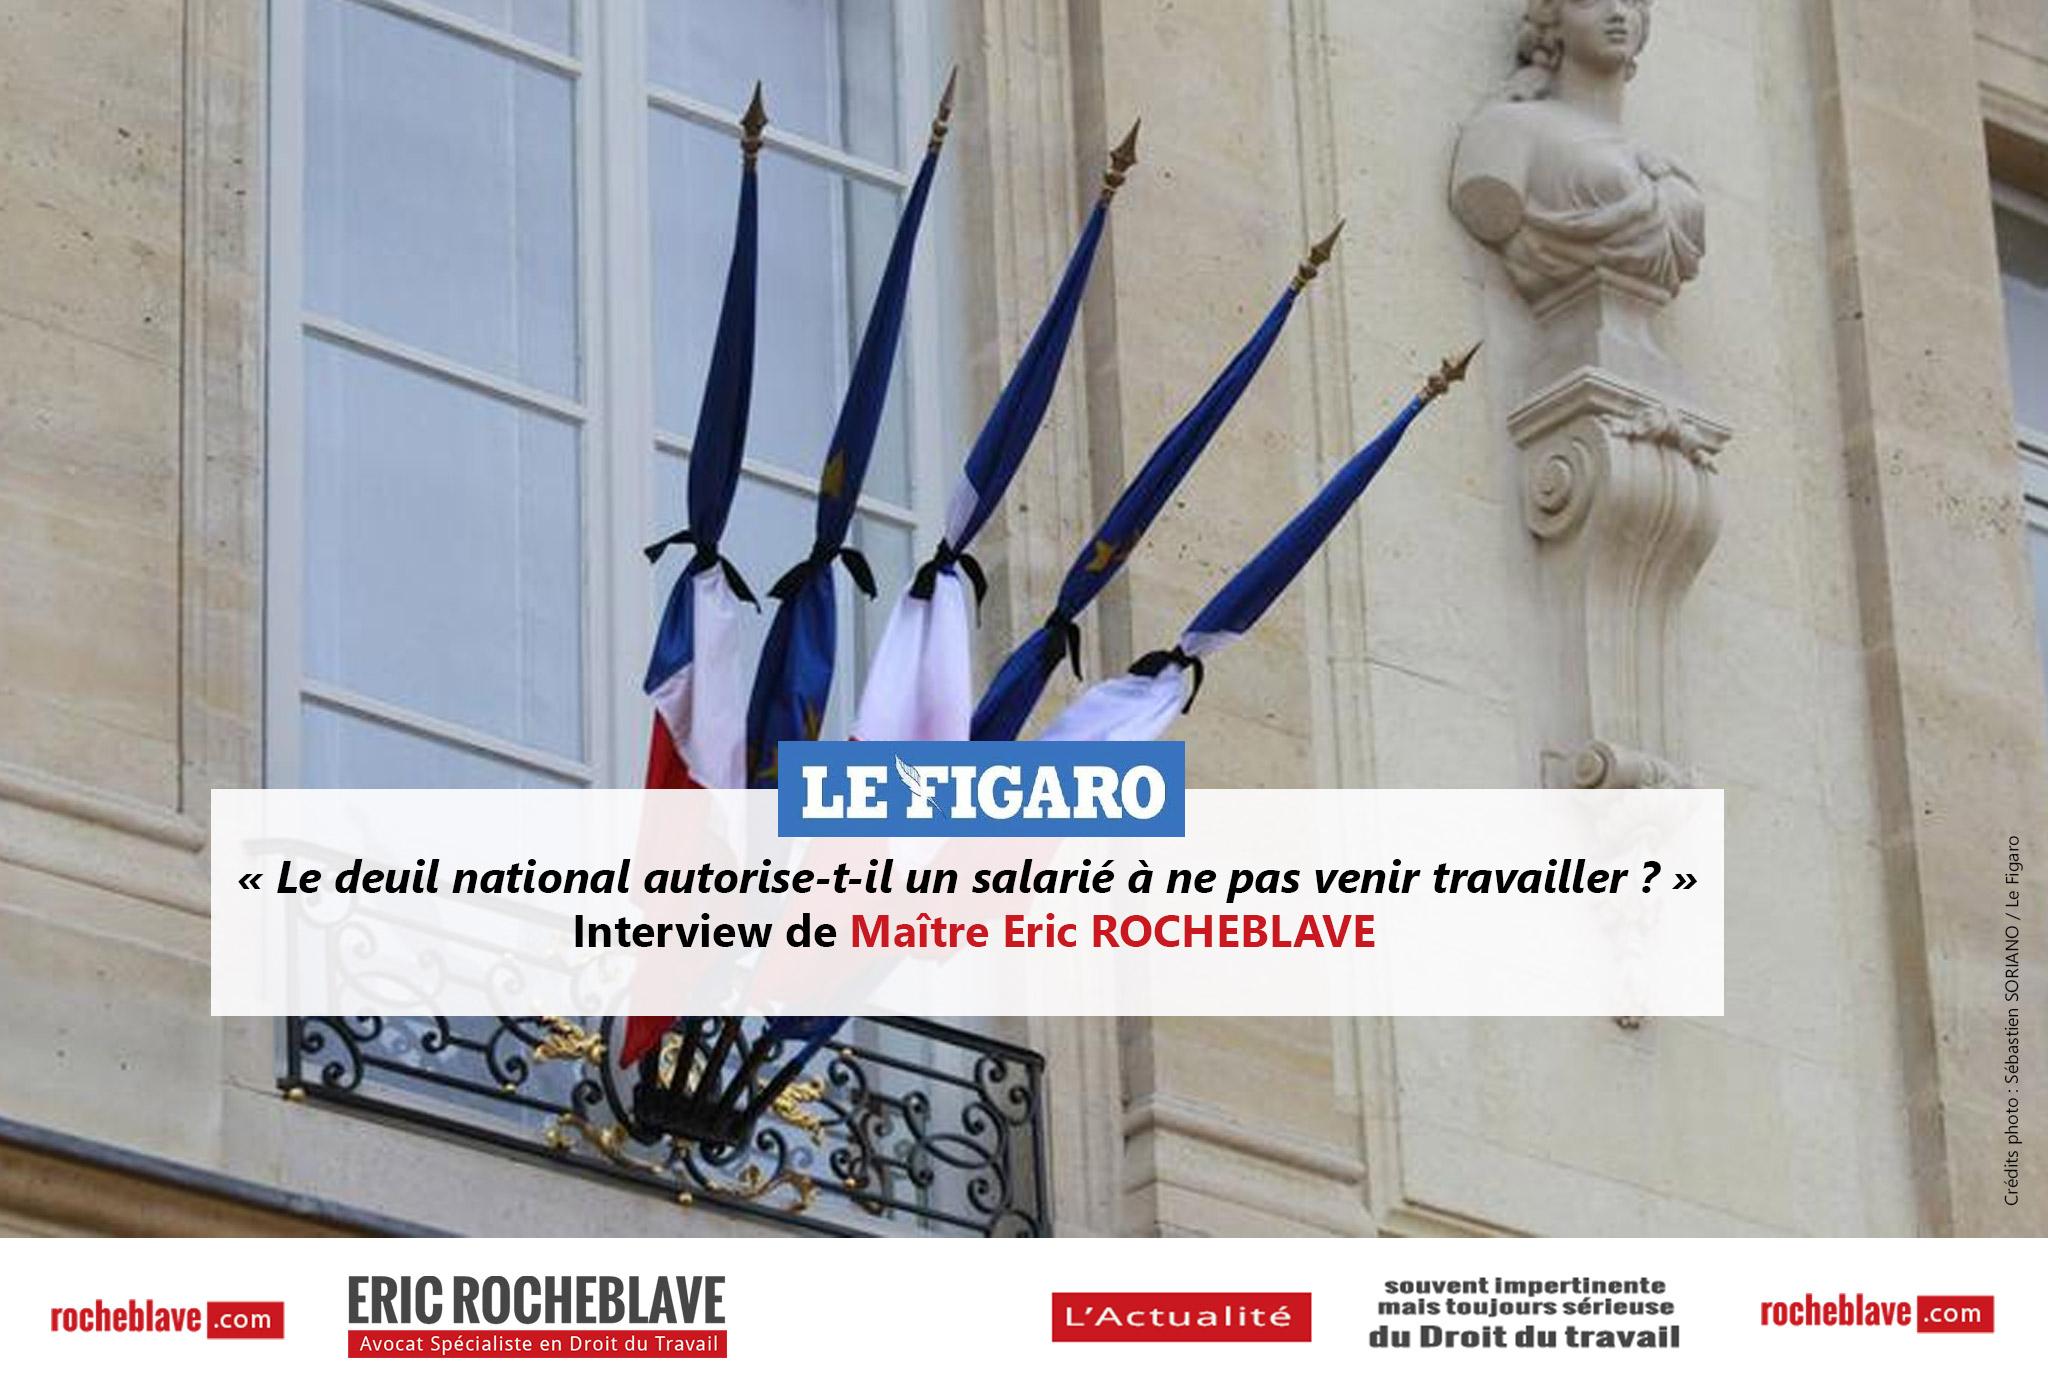 « Le deuil national autorise-t-il un salarié à ne pas venir travailler ? » Interview de Maître Eric ROCHEBLAVE | Le Figaro